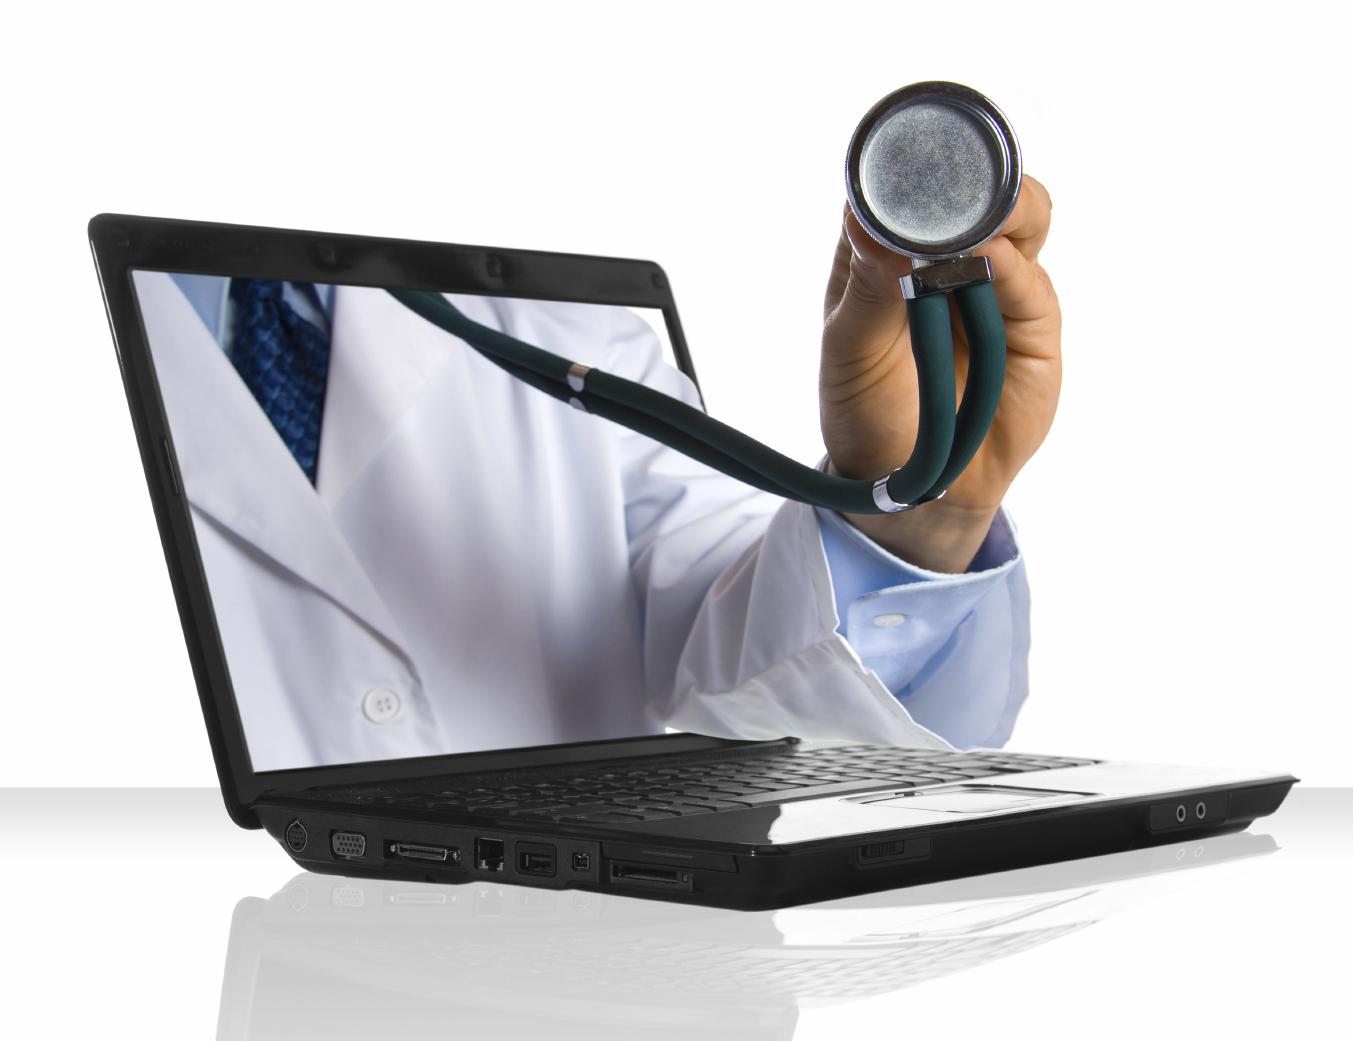 Milyen notebookot / laptopot vegyek? Tippek és tanácsok vásárlás előtt